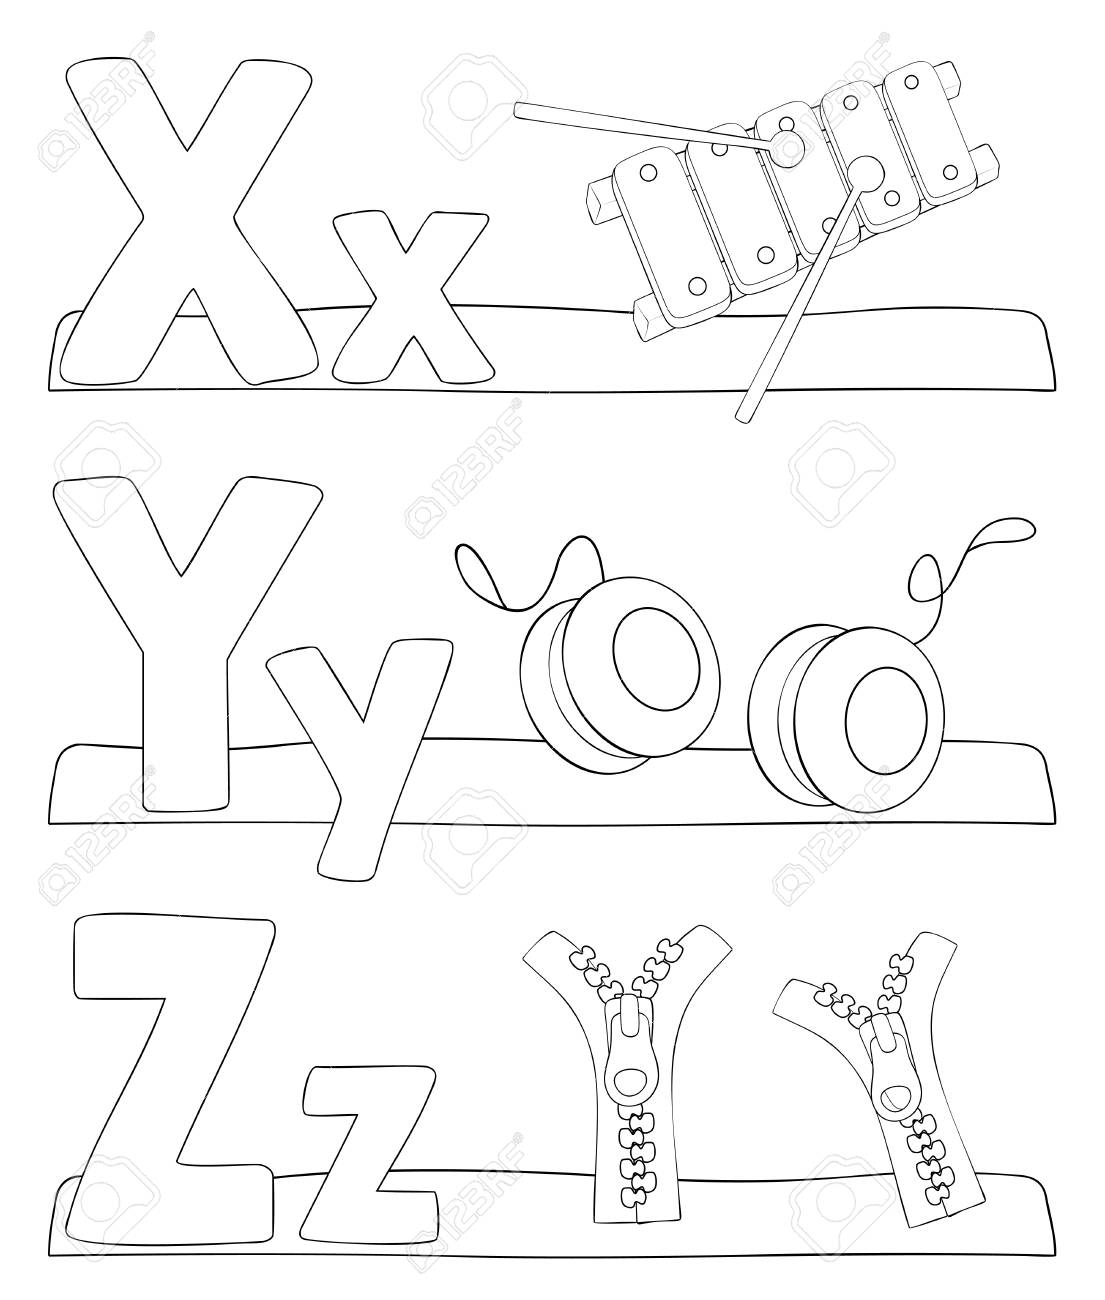 Alphabet Bildung Malvorlagen Für Kinder. Alphabet Buchstaben Lernen ...